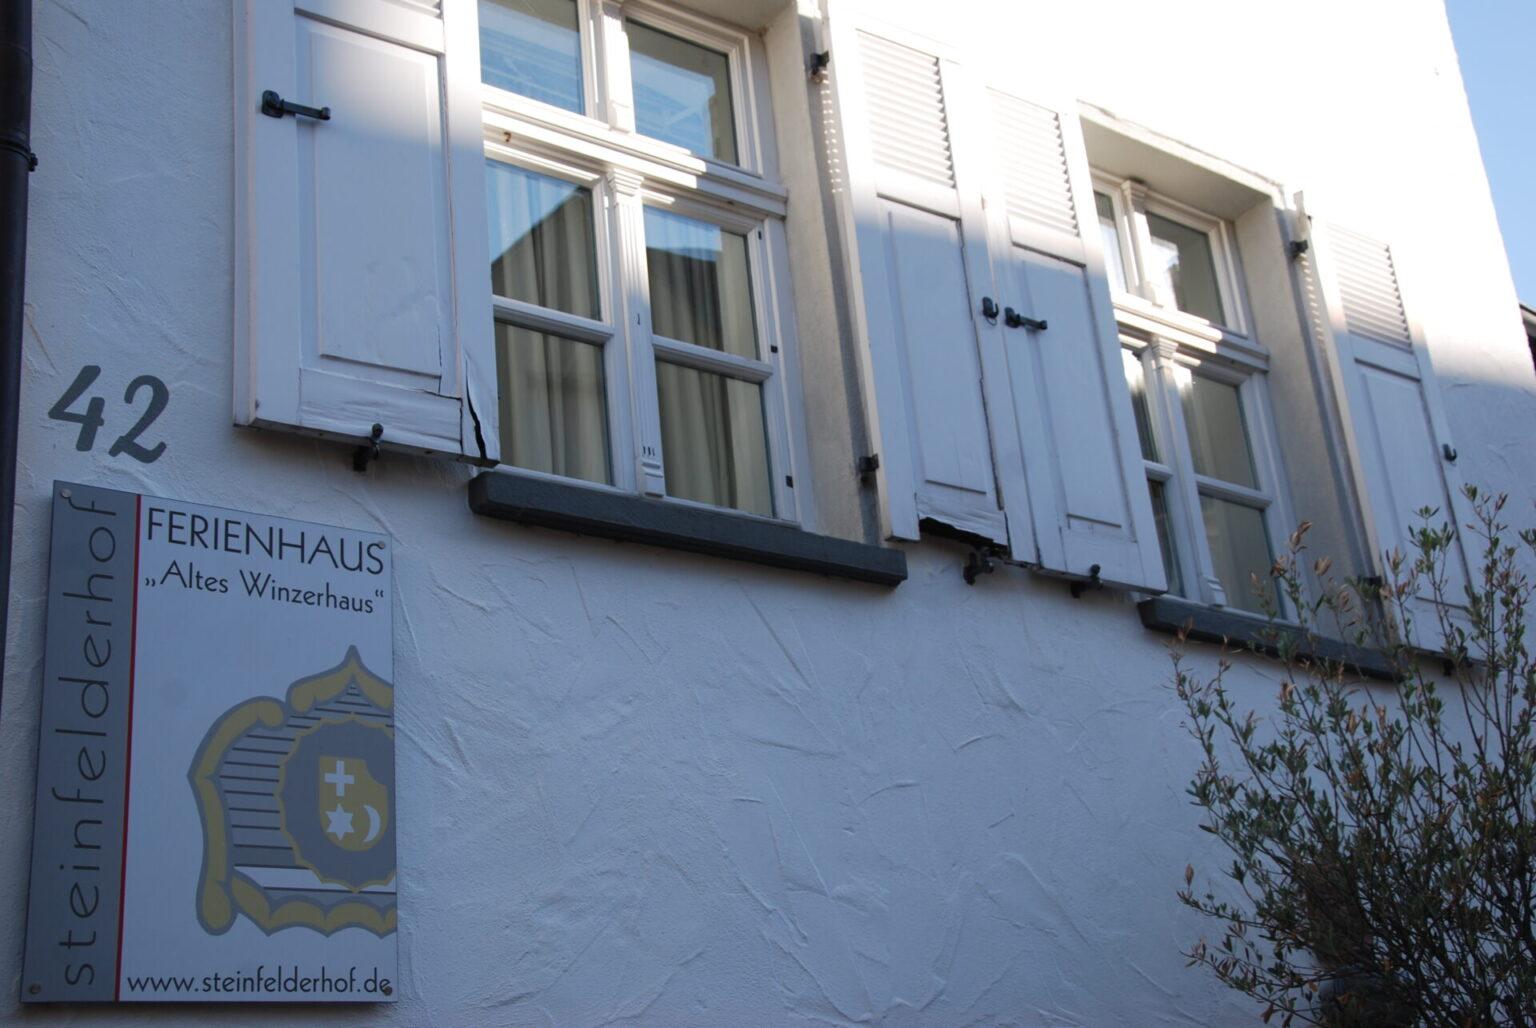 """Schild des Ferienhauses """"Altes Winzerhaus"""" des Steinfelderhofes"""